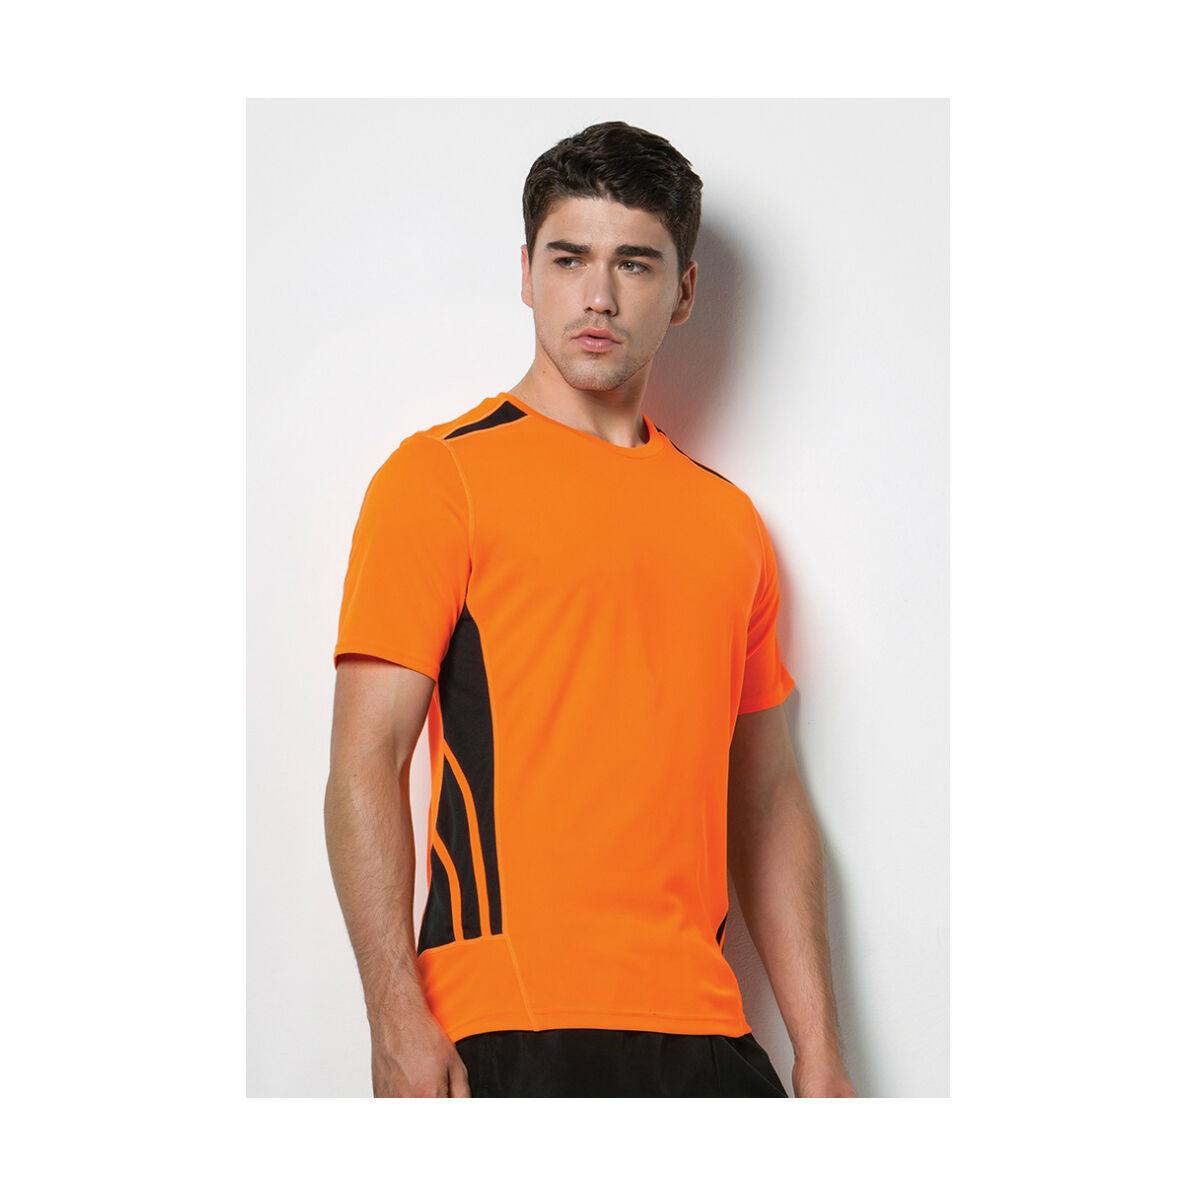 Gamegear Cooltex Performance Training Shirt (Men's)